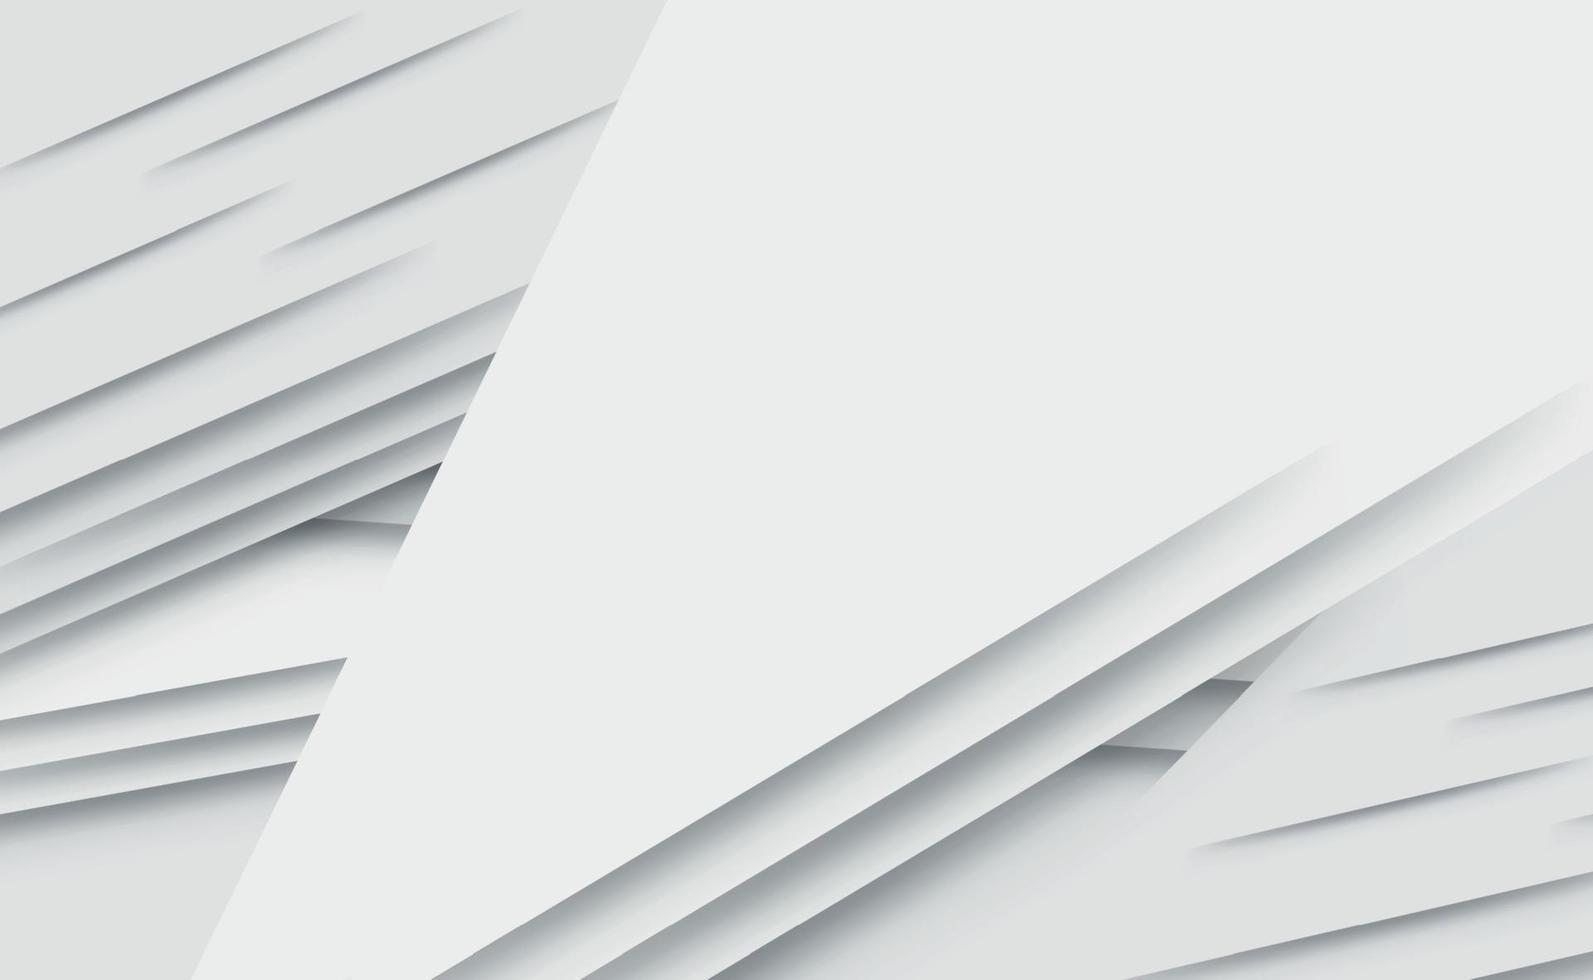 vit vektor panorama bakgrund med vågiga linjer